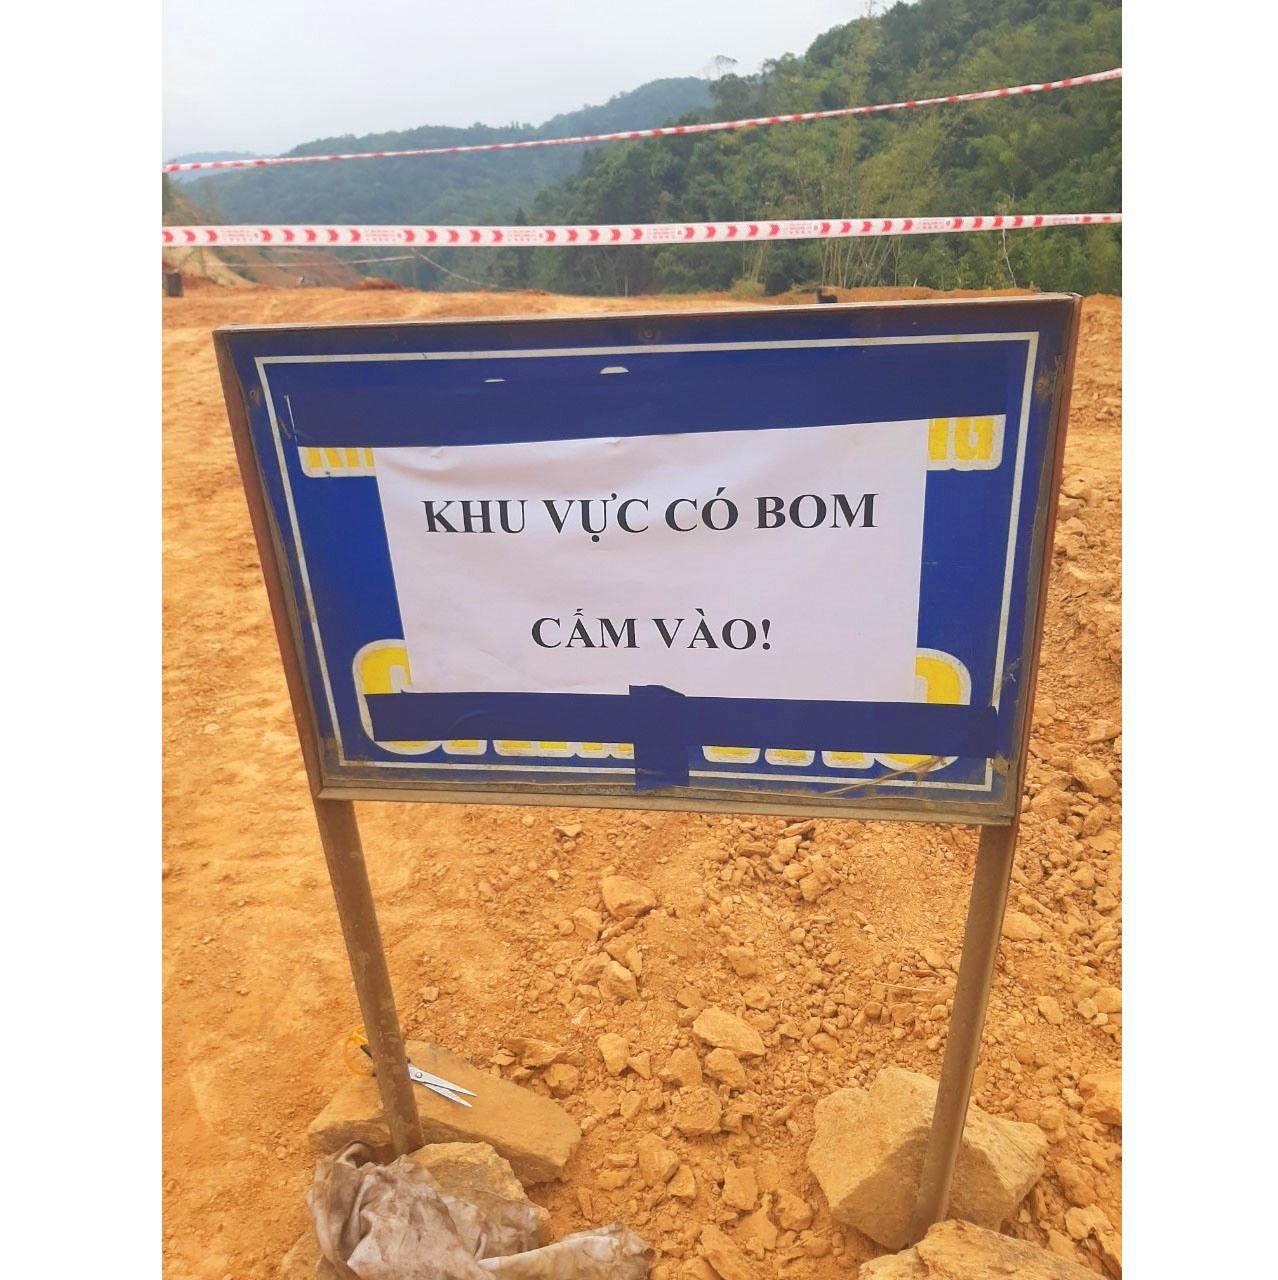 cơ quan chức năng đặt biển cảnh báo nguy hiểm, cấm người dân vào khu vực phát hiện bom